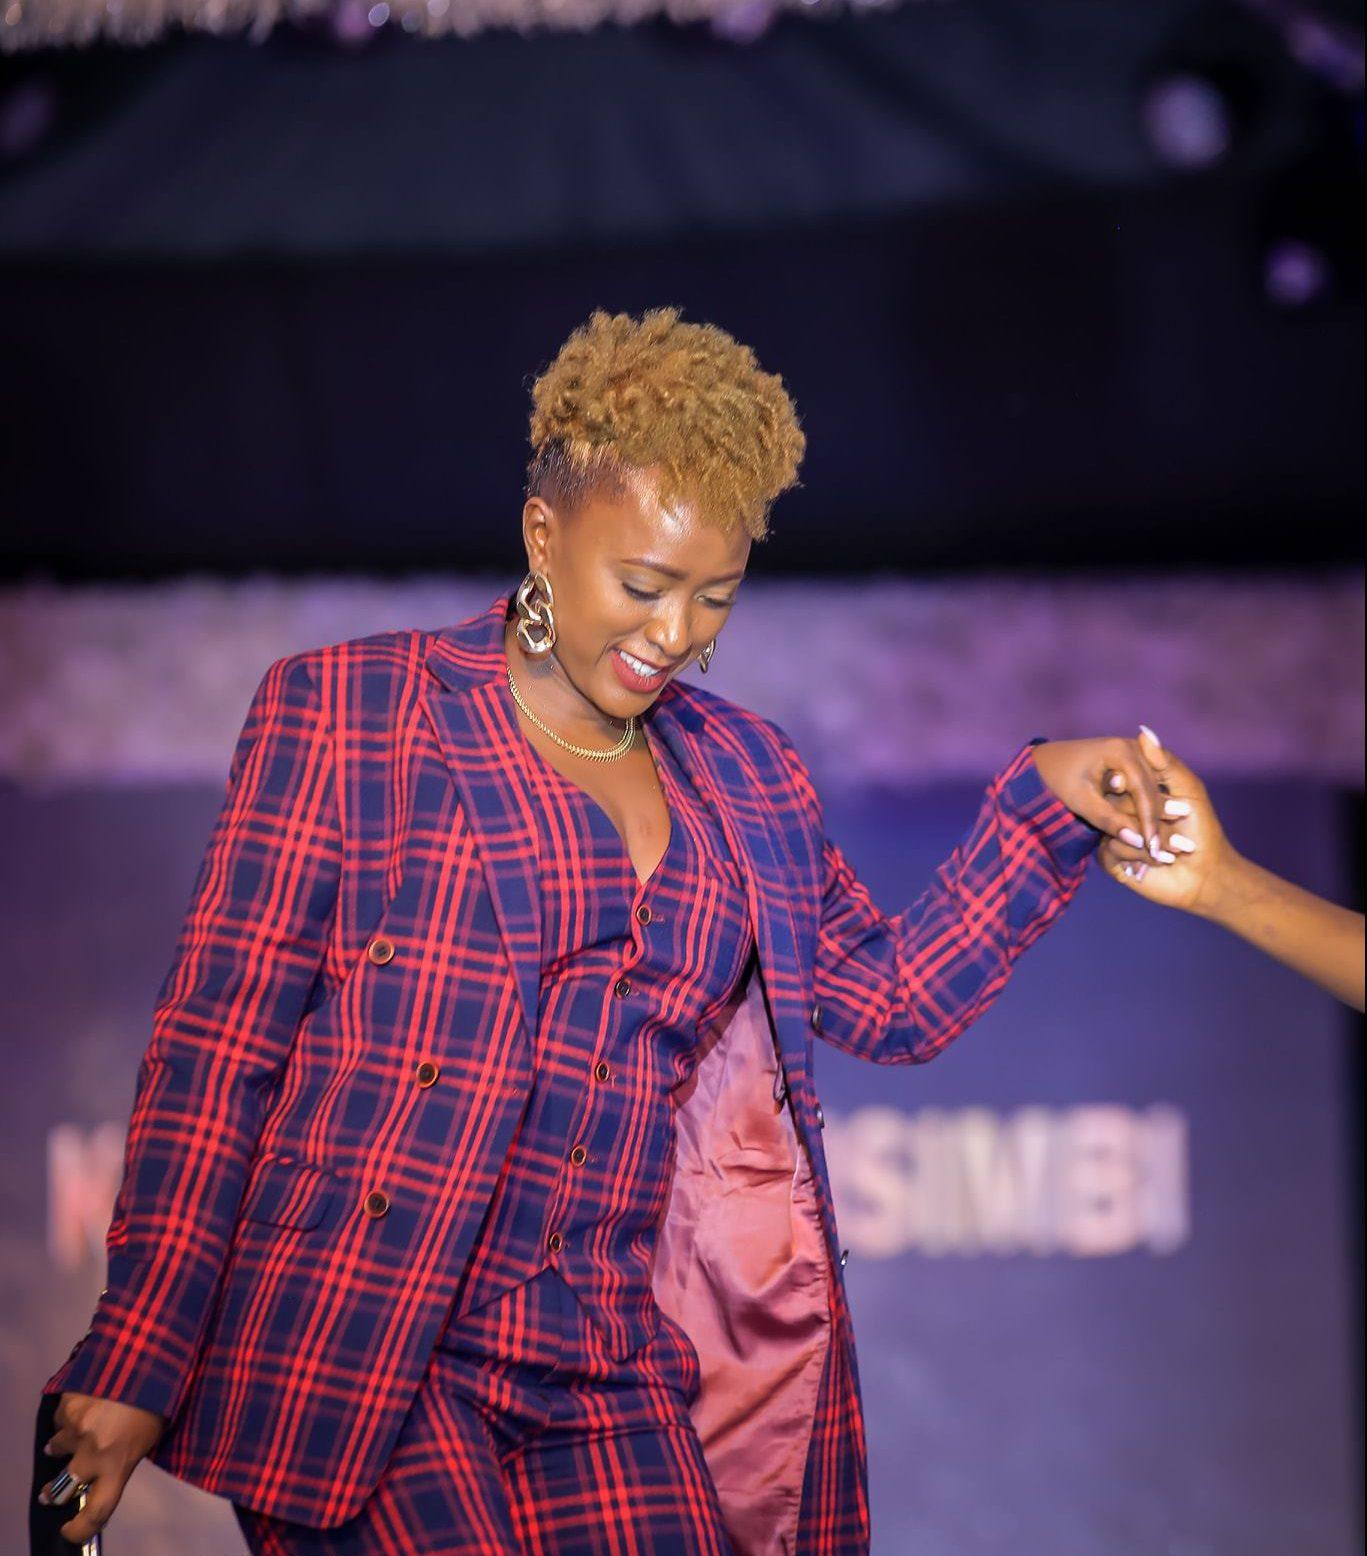 Karitas Karisimbi's handbag snatched during Miss Uganda crowning